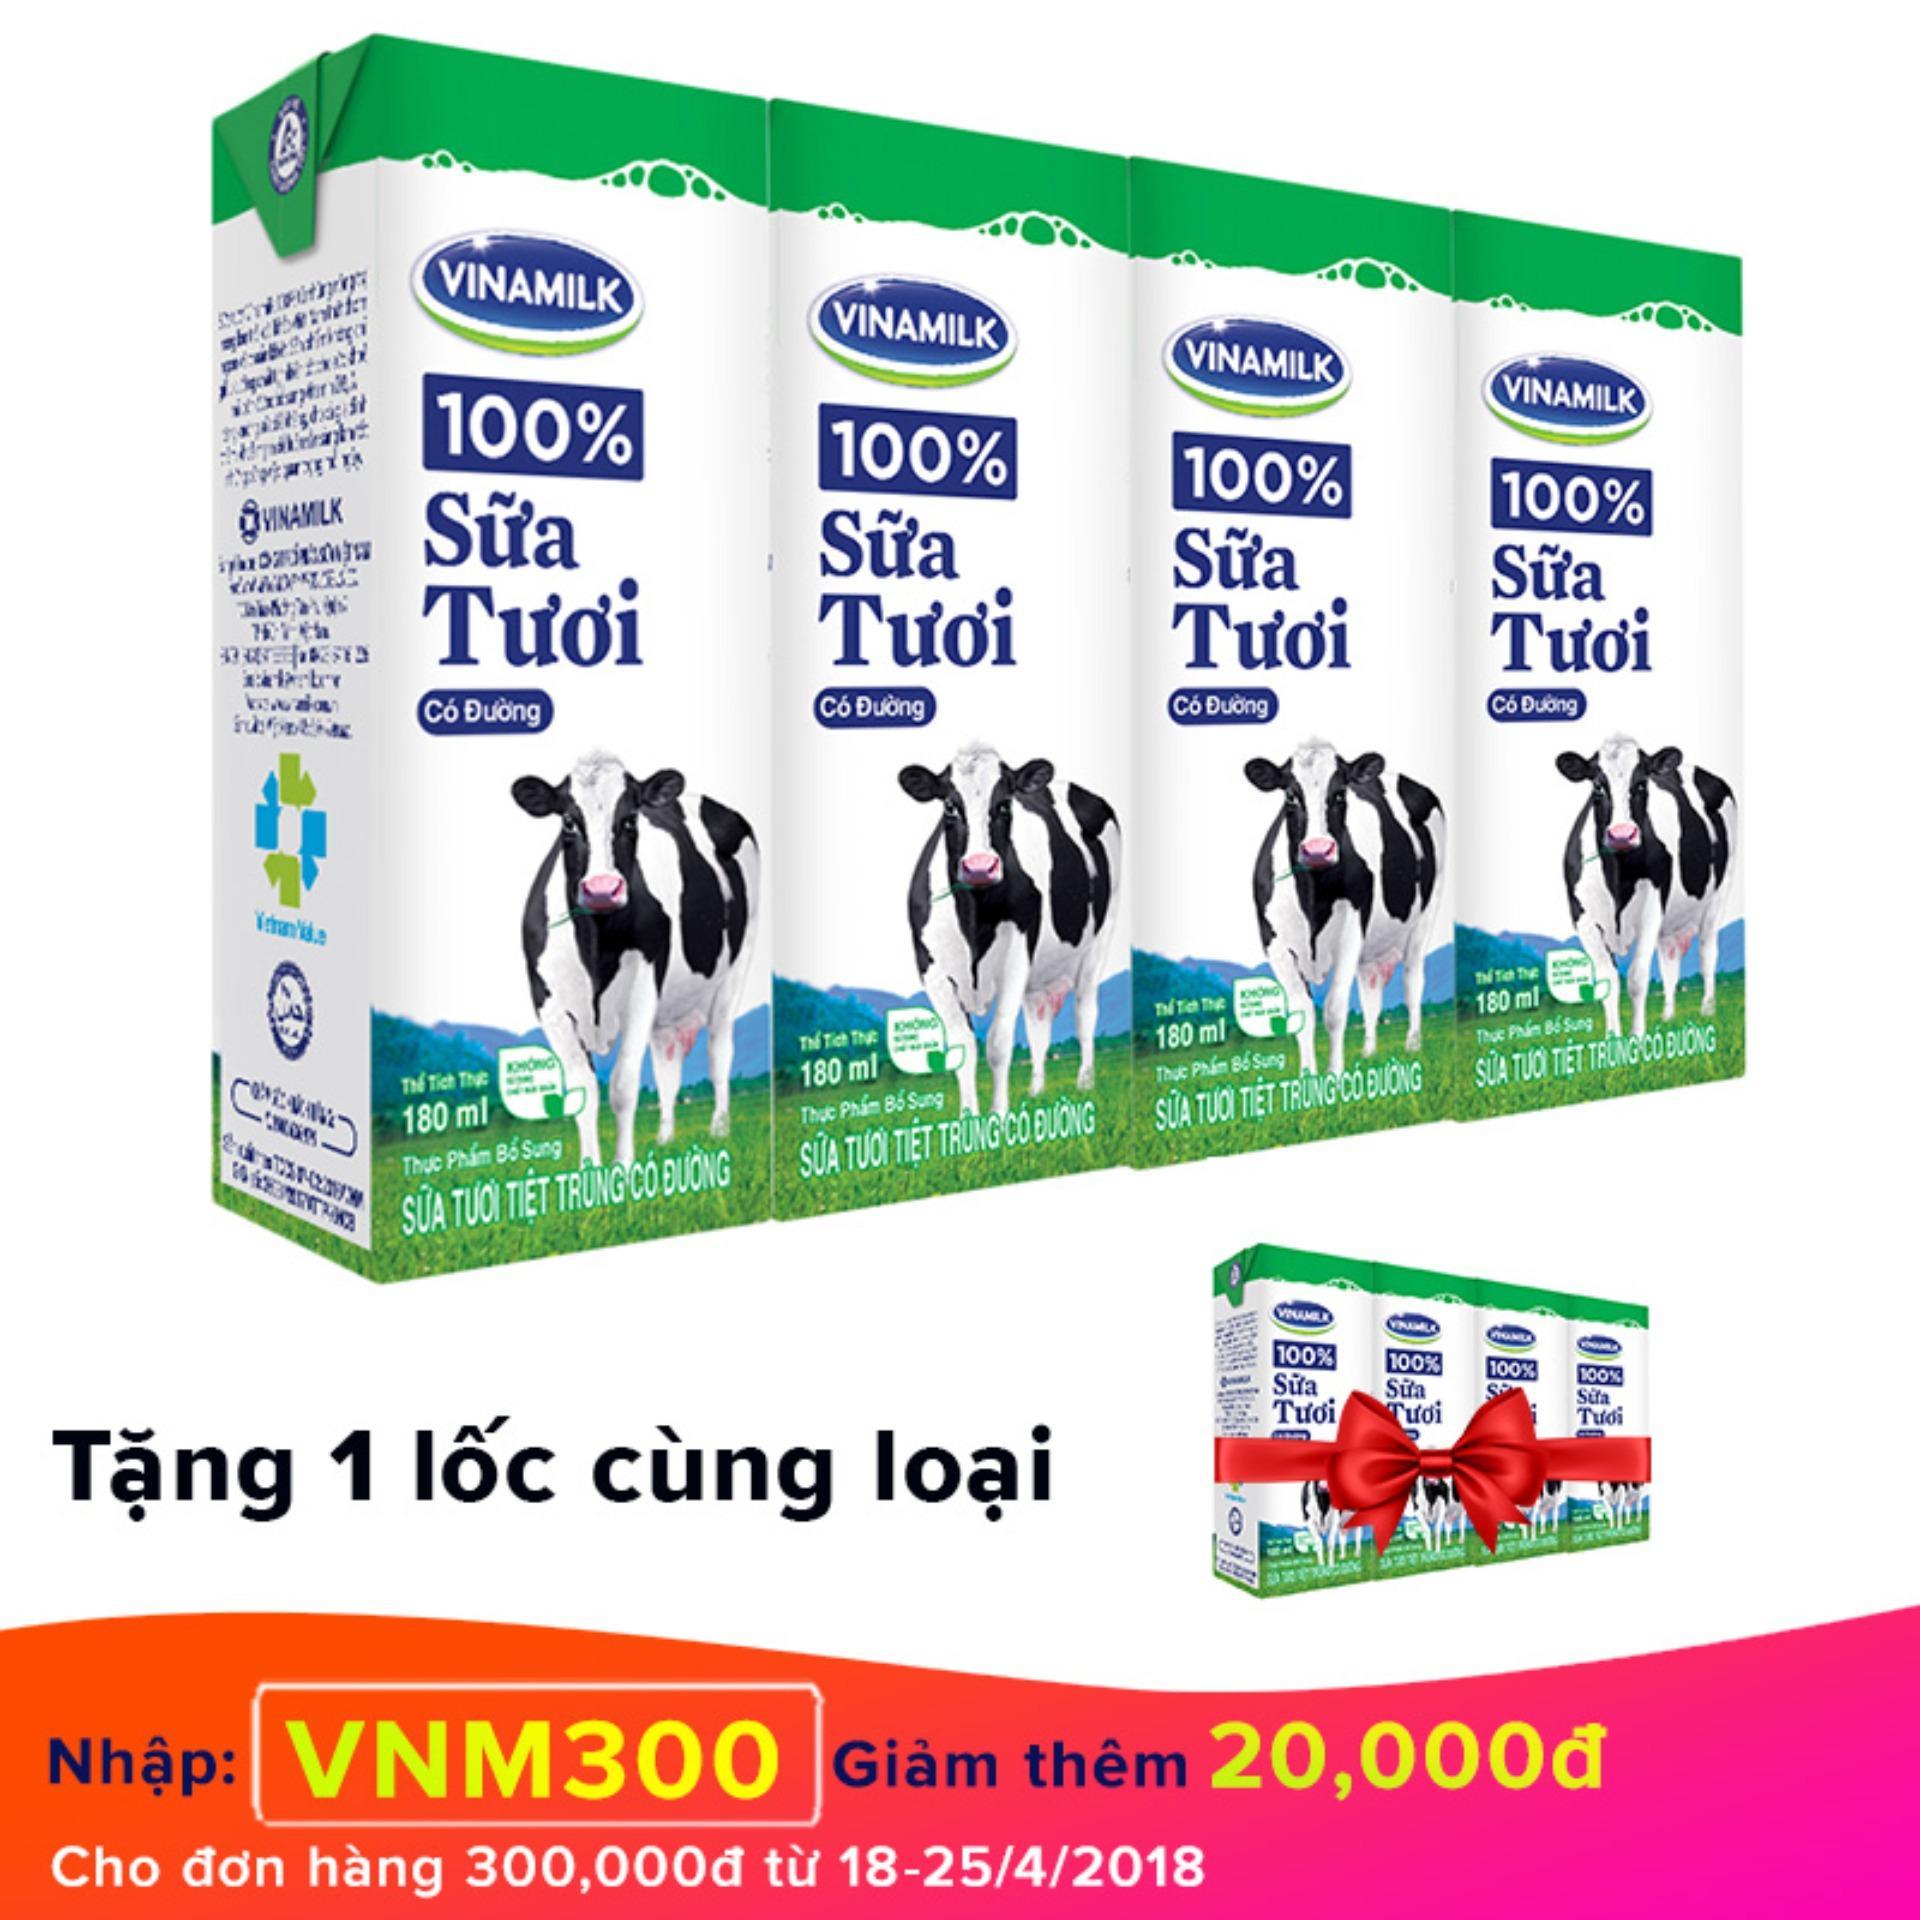 Thùng 48 hộp sữa tươi Vinamilk 100% có đường 180ml + Tặng 1 lốc cùng loại